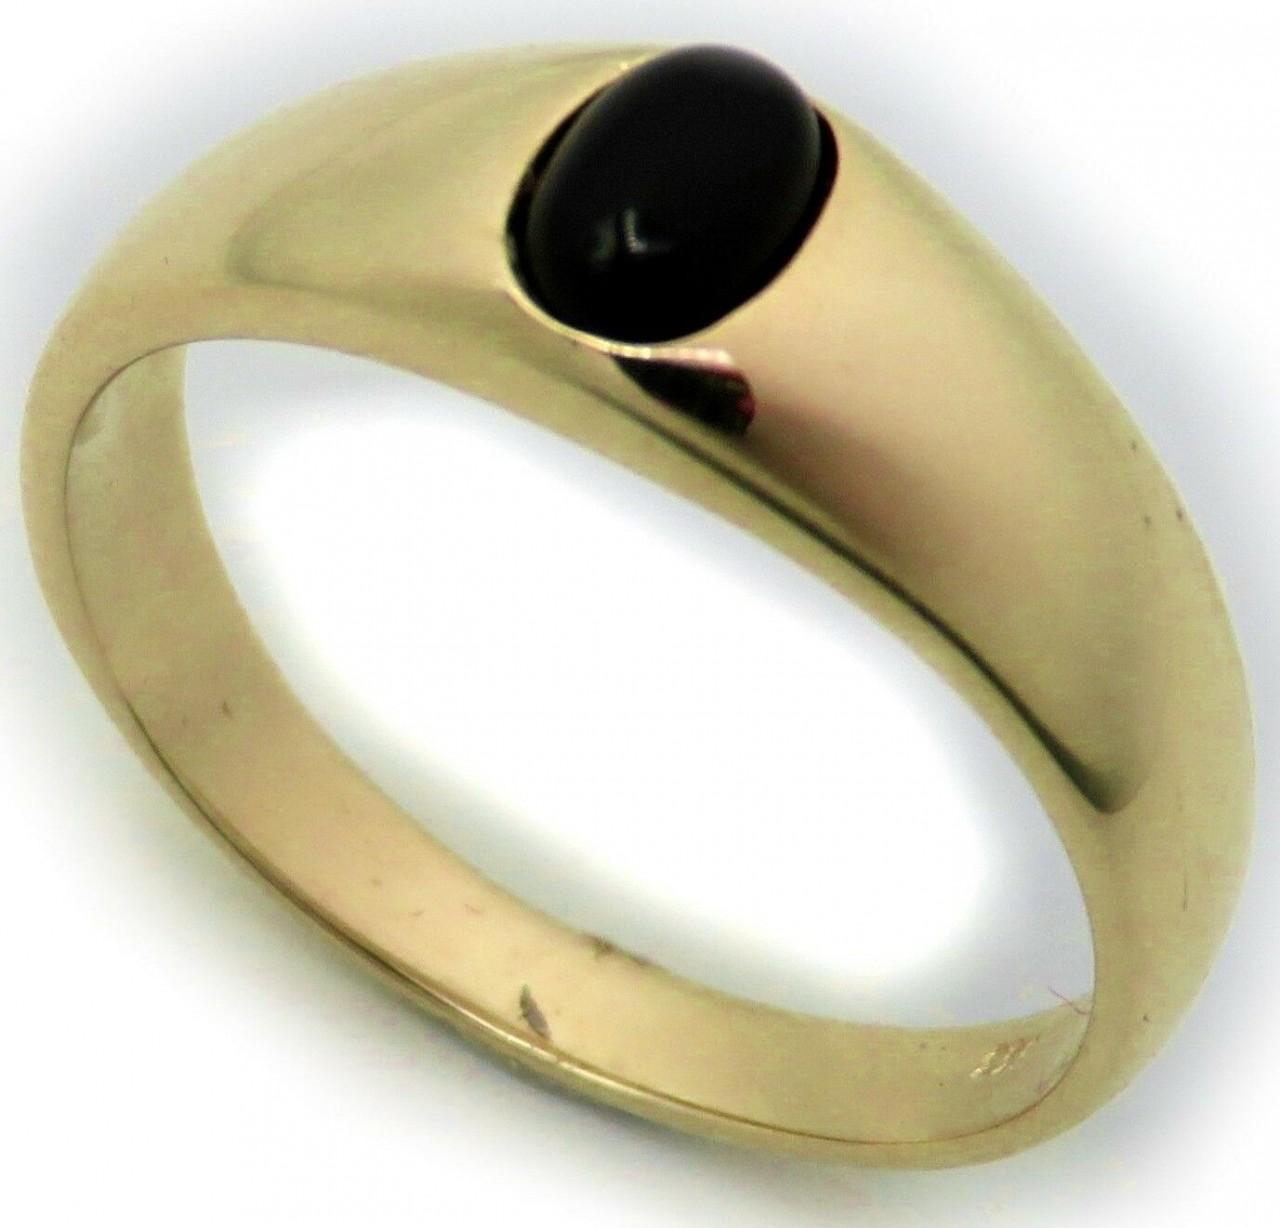 Herren Ring echt Gold 750 echt Onyx 18 karat Gelbgold Qualität Herrenring Neu To